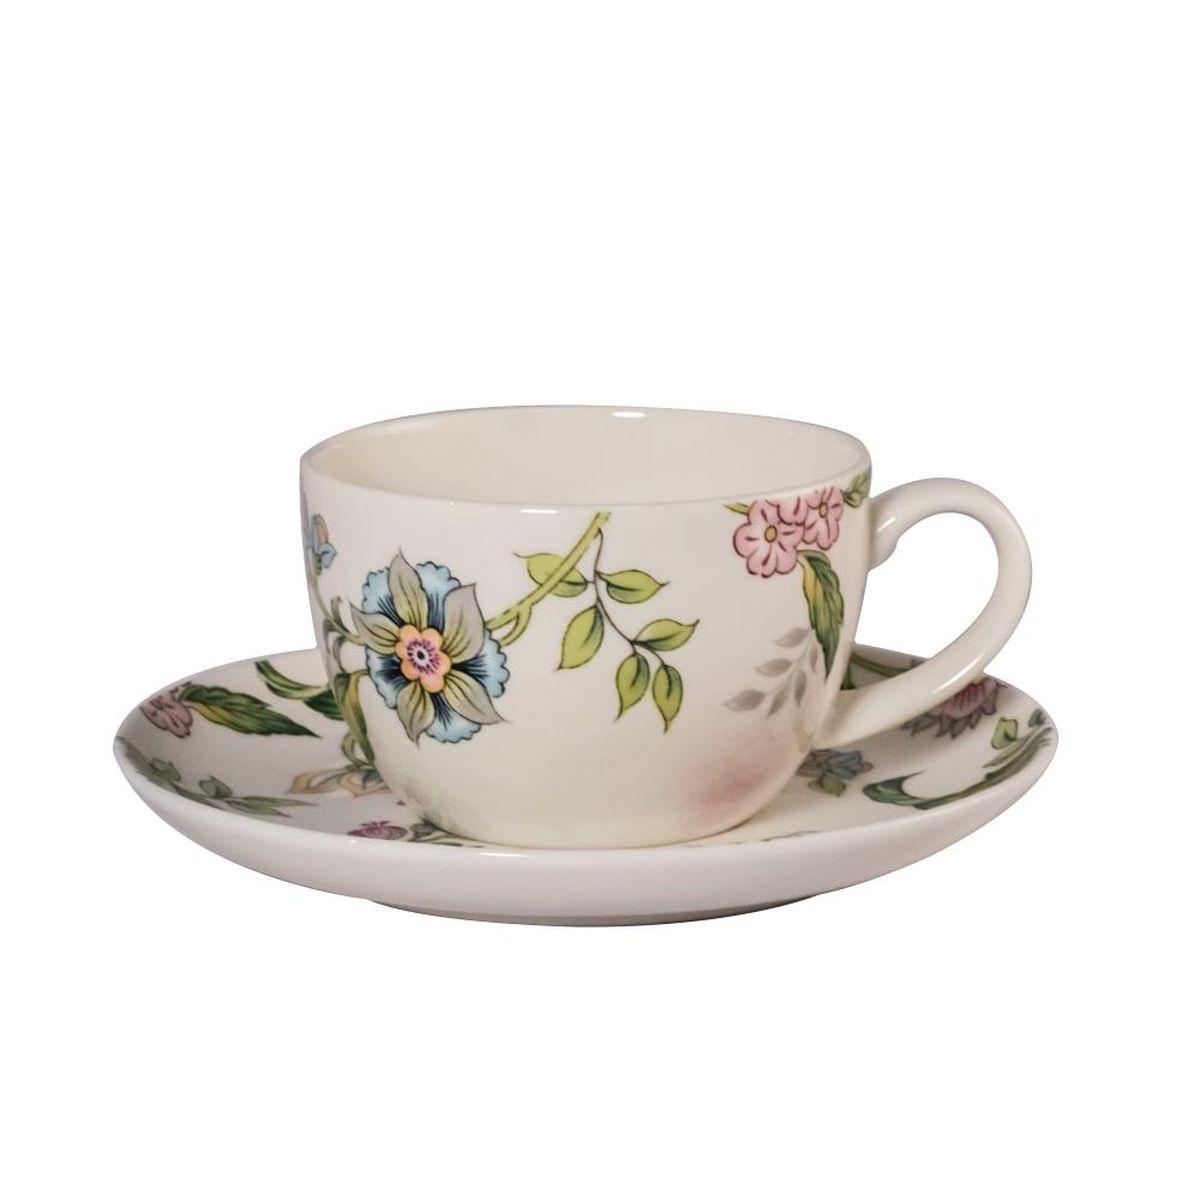 Набор чайный Royal Bone China Прованс, 12 предметов9016/12274Набор Royal Bone China Прованс состоит из шести чашек и шести блюдец, изготовленных из высококачественного фарфора. Чашки оформлены красочным рисунком. Такой набор подходит для подачи чая или кофе.Объем чашки: 250 мл. Диаметр блюдца: 15,5 см.Диаметр чашки: 12 см. Высота чашки: 9 см.